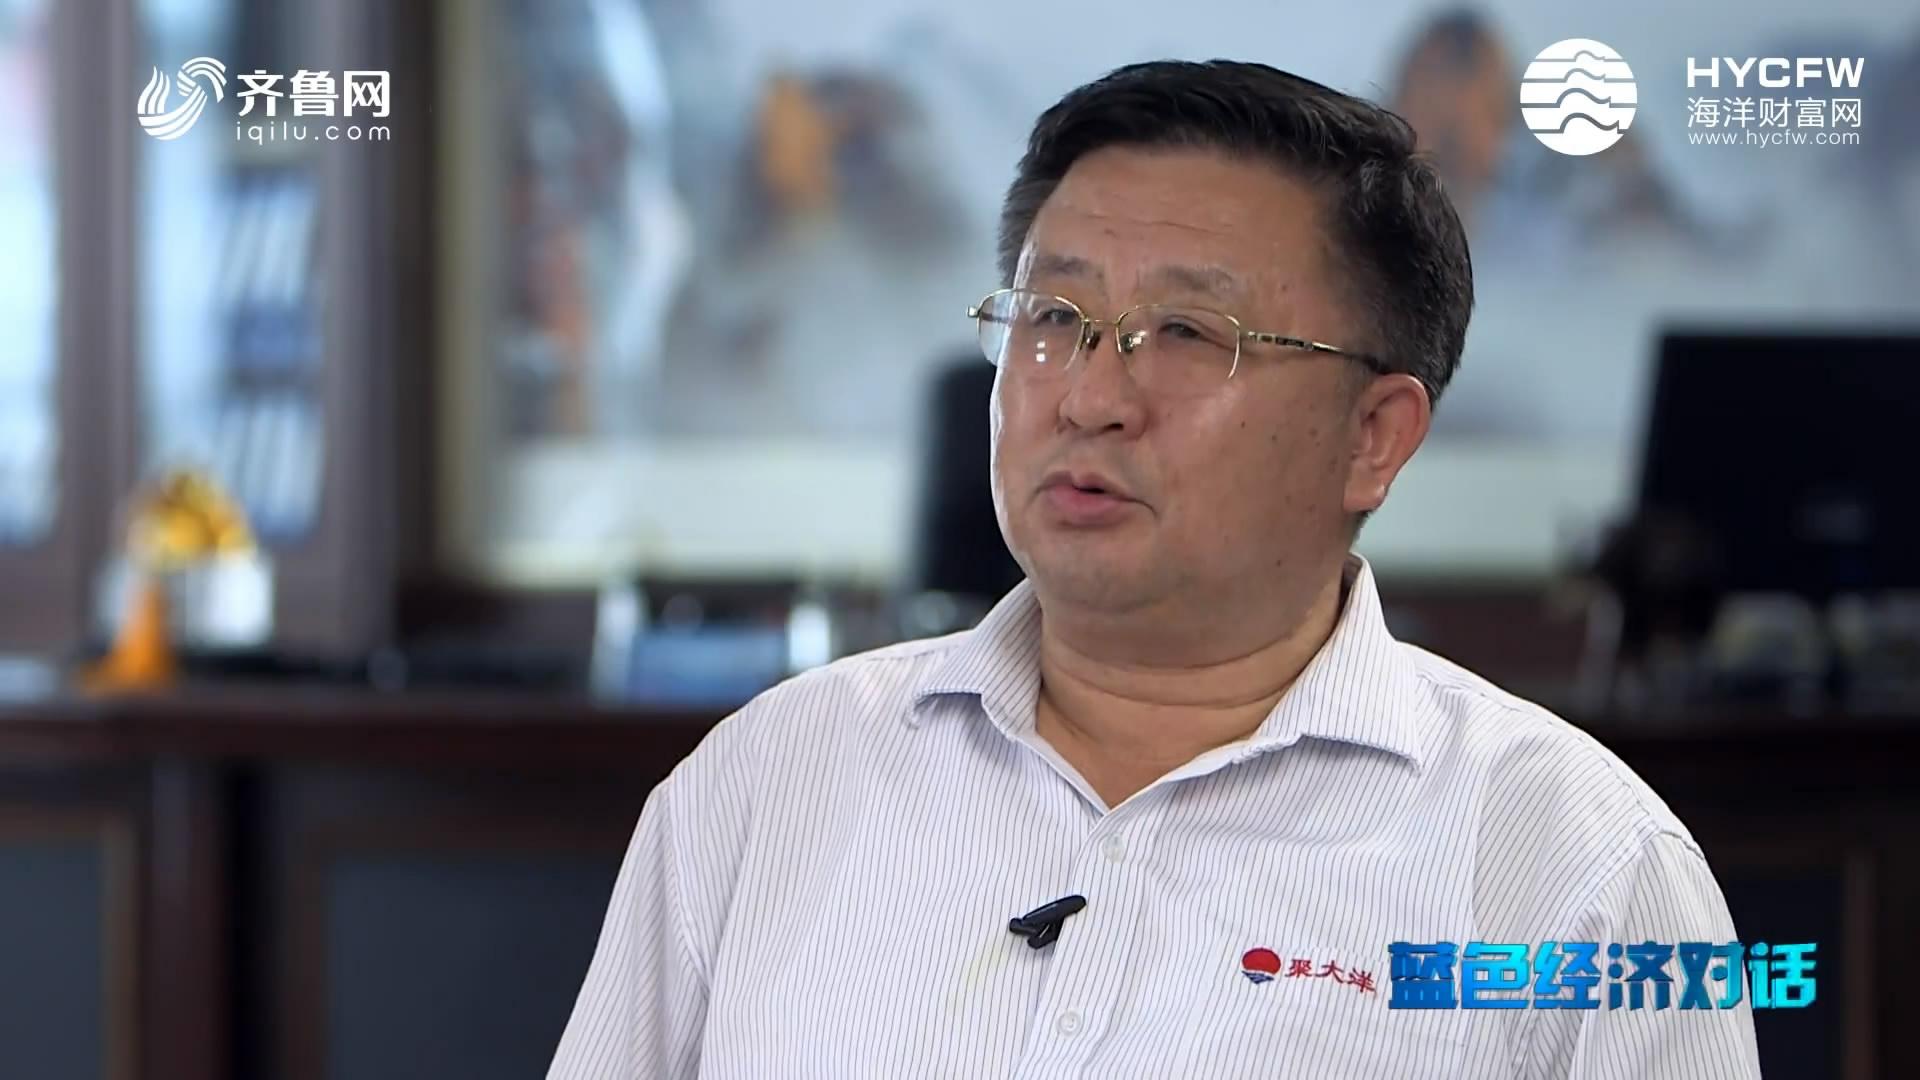 专访:青岛聚大洋藻业集团有限公司董事长吴仕鹏